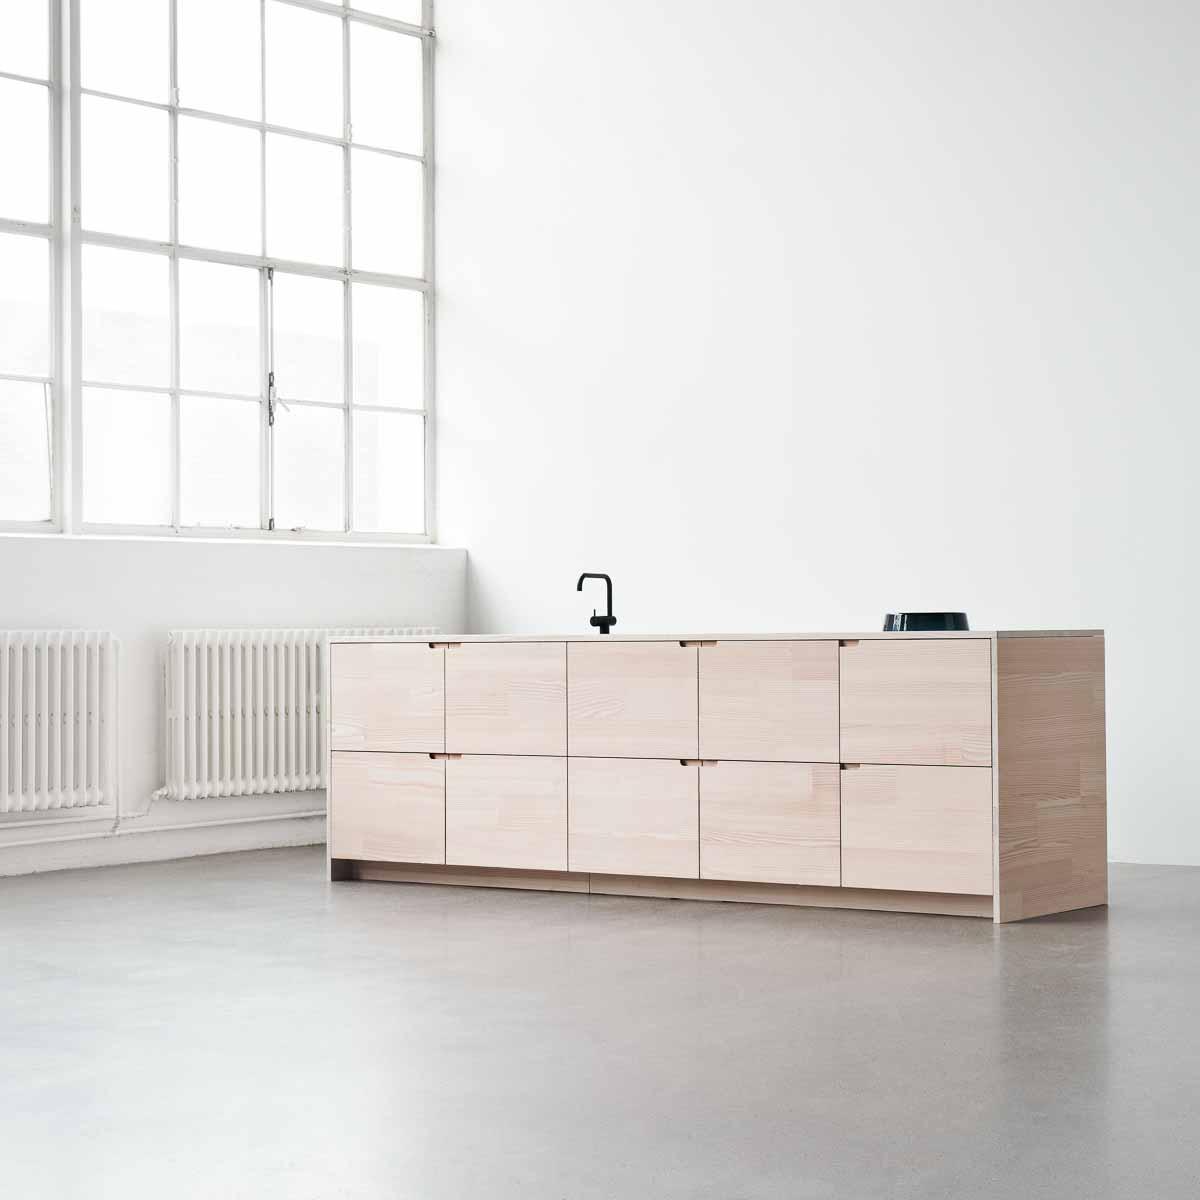 Küchenfronten für Ikea Küchen von Reform-3